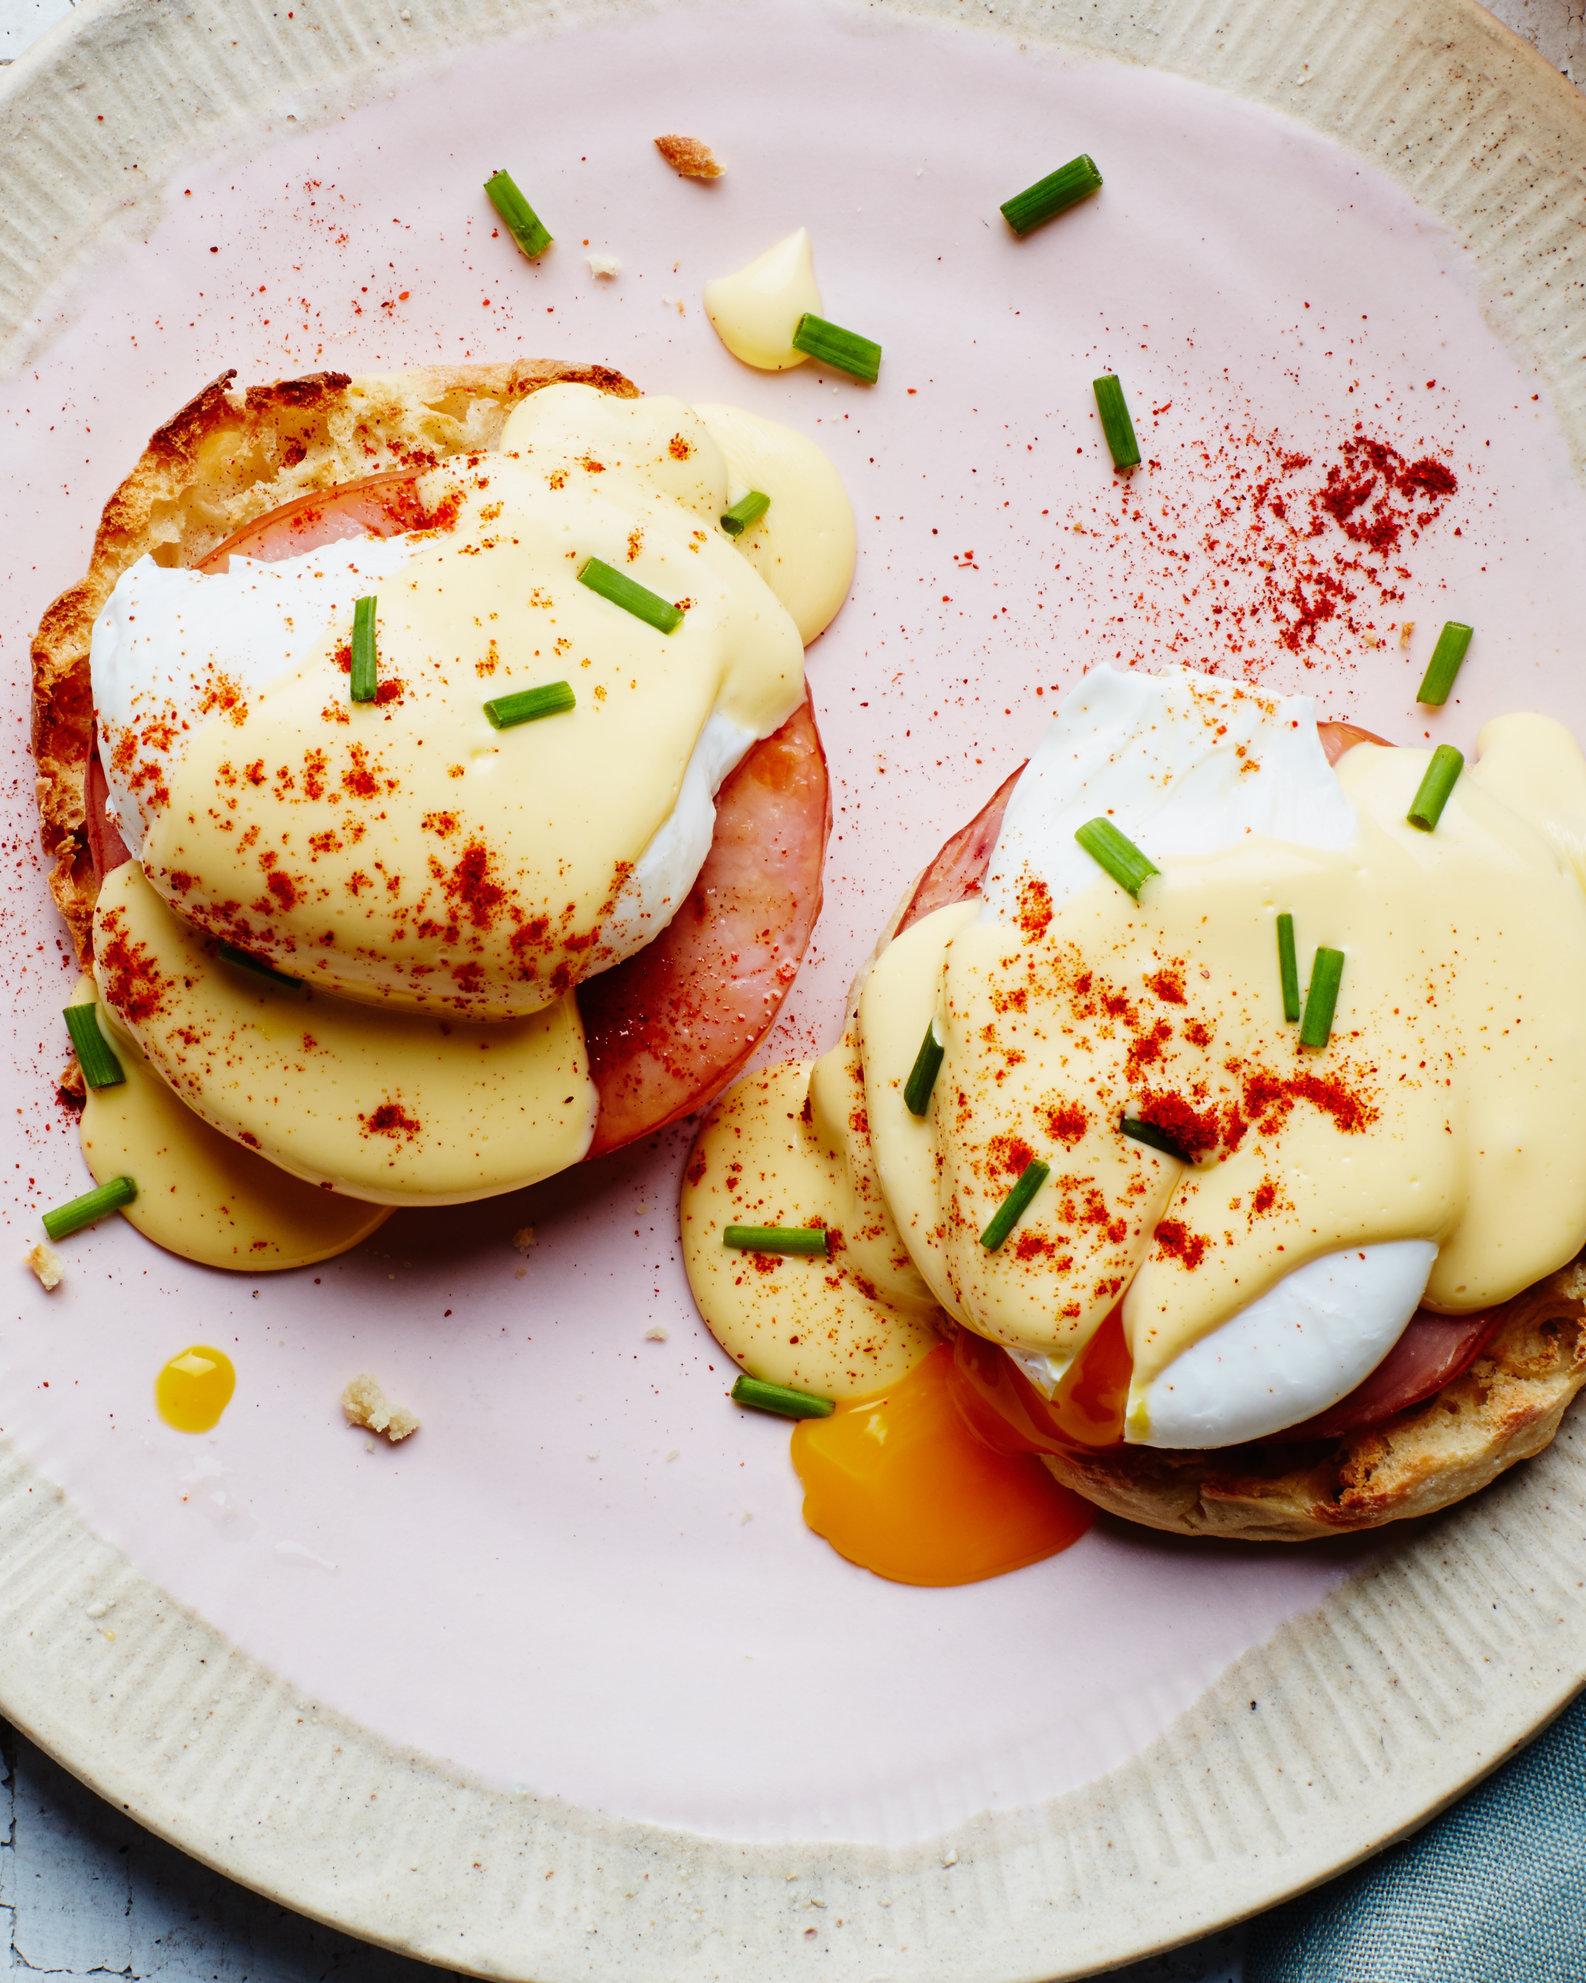 Classic-Eggs-Benedict-26042017.jpg